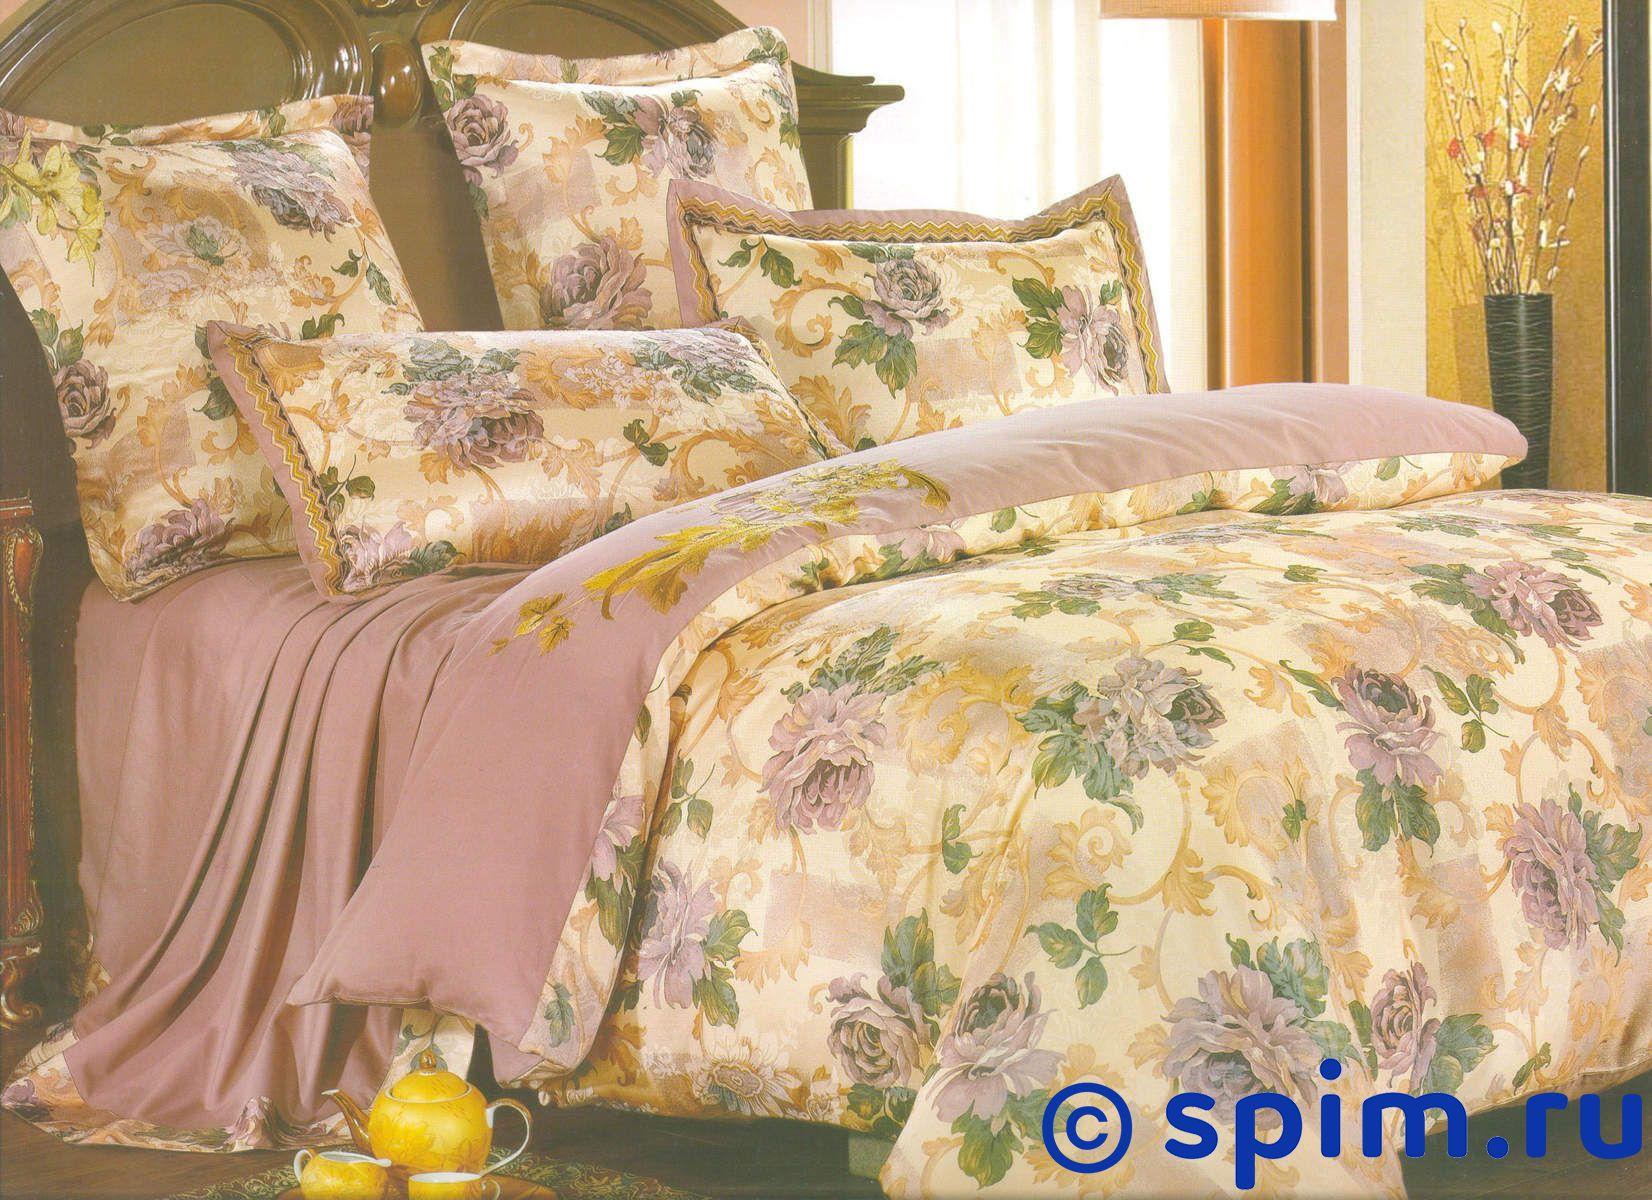 Комплект СайлиД D26 (2) СемейноеПостельное белье СайлиД с вышивкой<br>Материал: 100% хлопок (сатин) с вышивкой. Плотность, г/м2: 135. Размер Sailid Д: Семейное<br><br>Размер: Семейное